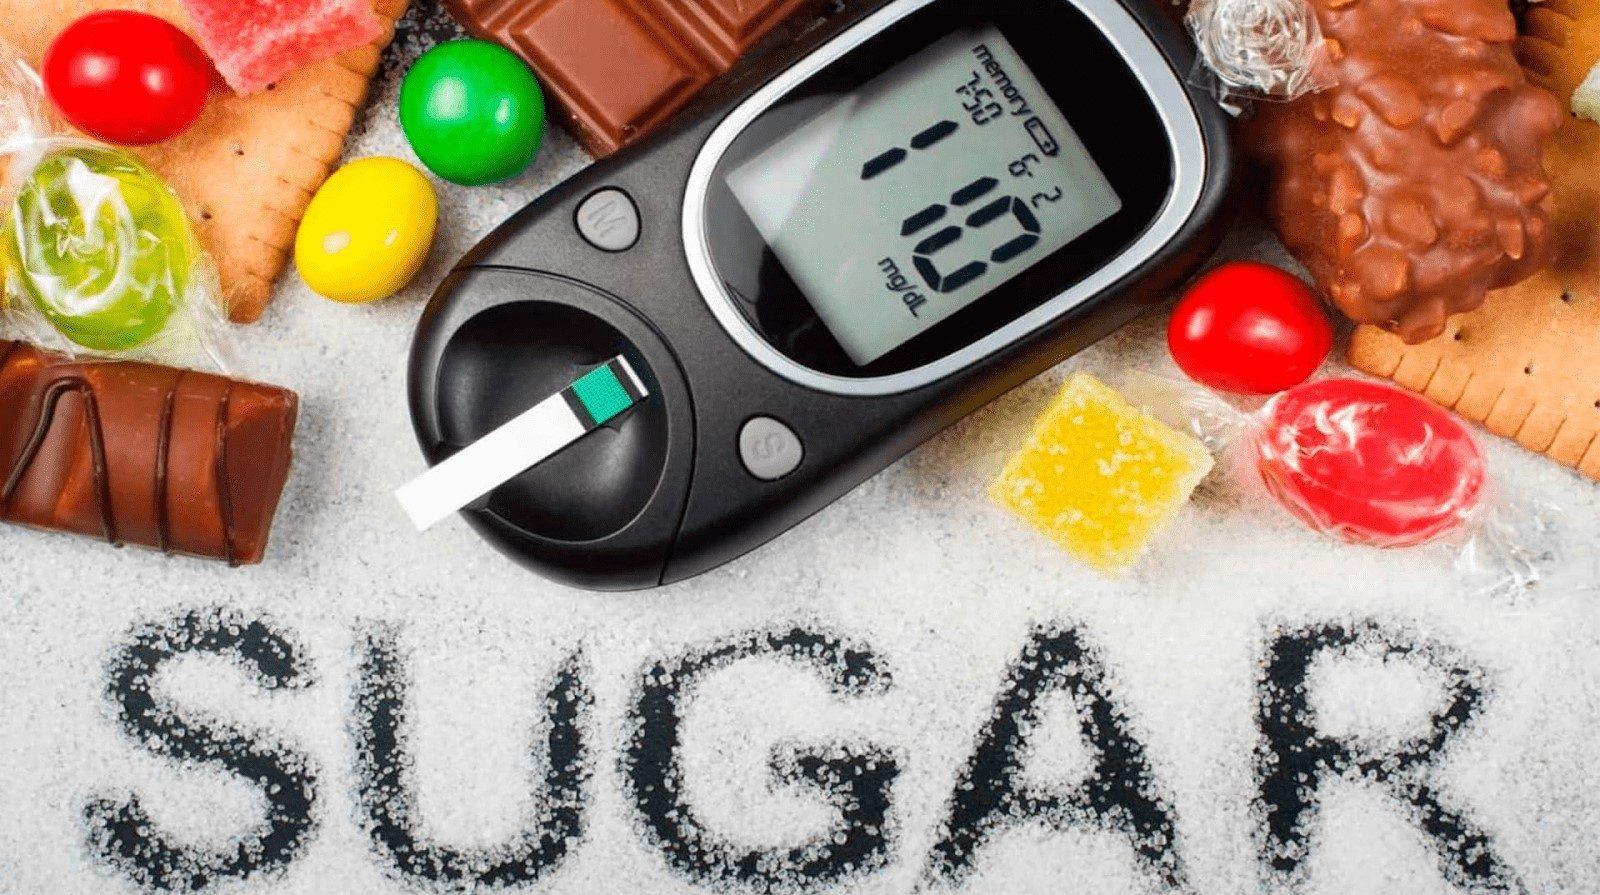 Диабет под контролем.  Диагностики состояния преддиабета, диабета 1 типа, диабета 2 типа в Домодедово